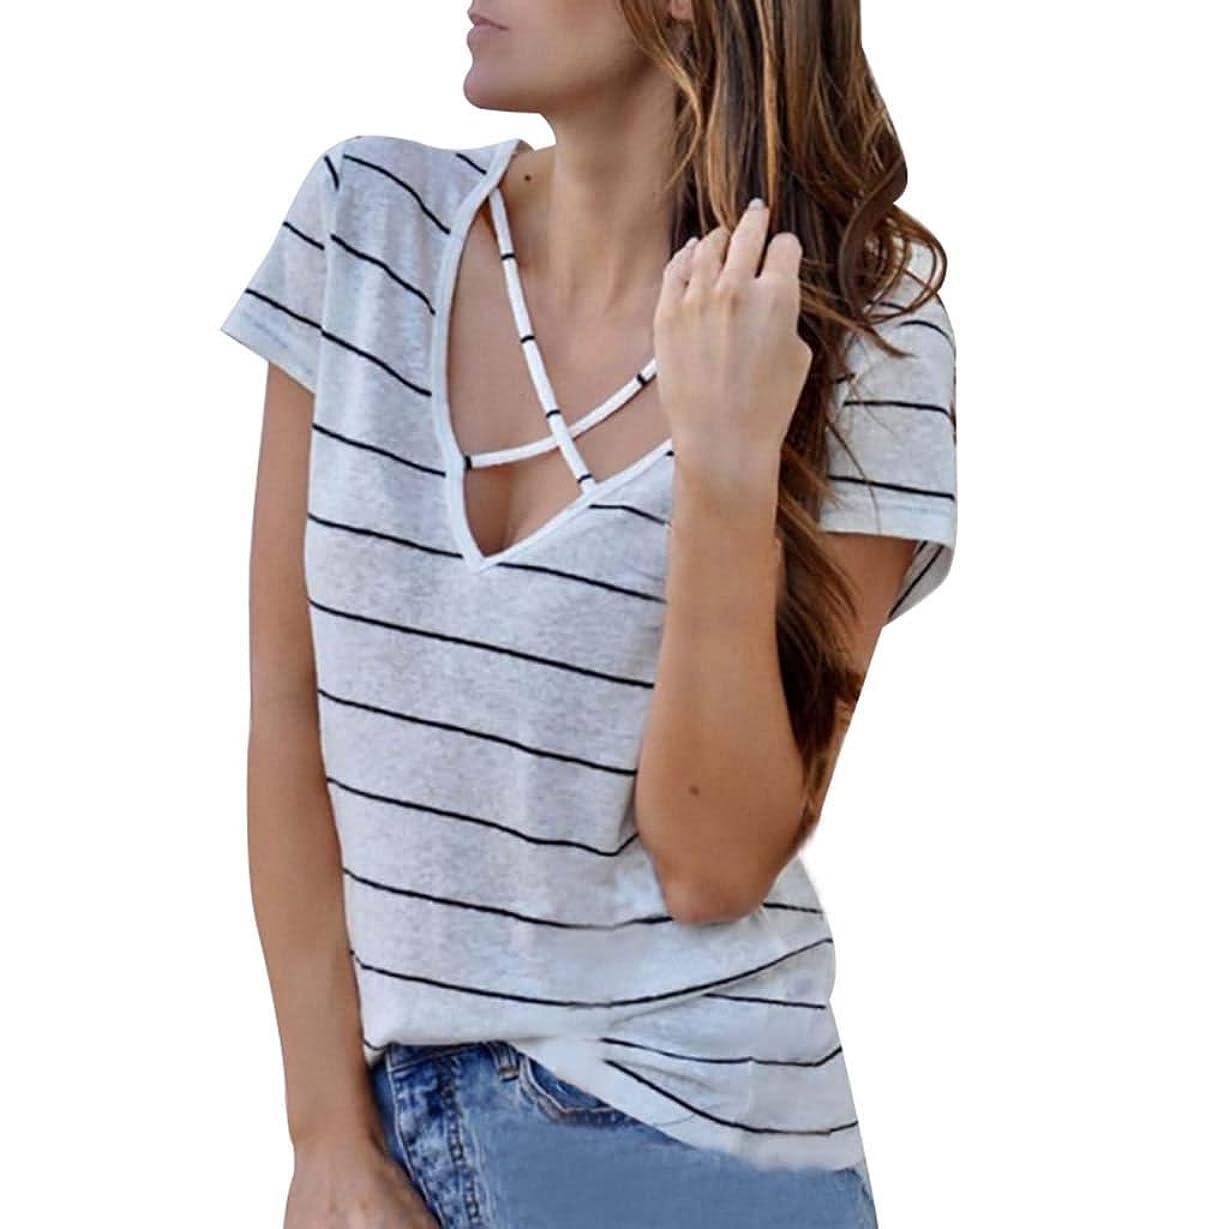 障害マウスピース人気の女性のセクシーなVネックストライププリントシャツ、女性の半袖夏の古典的な野生のプルオーバートップ (白, S)